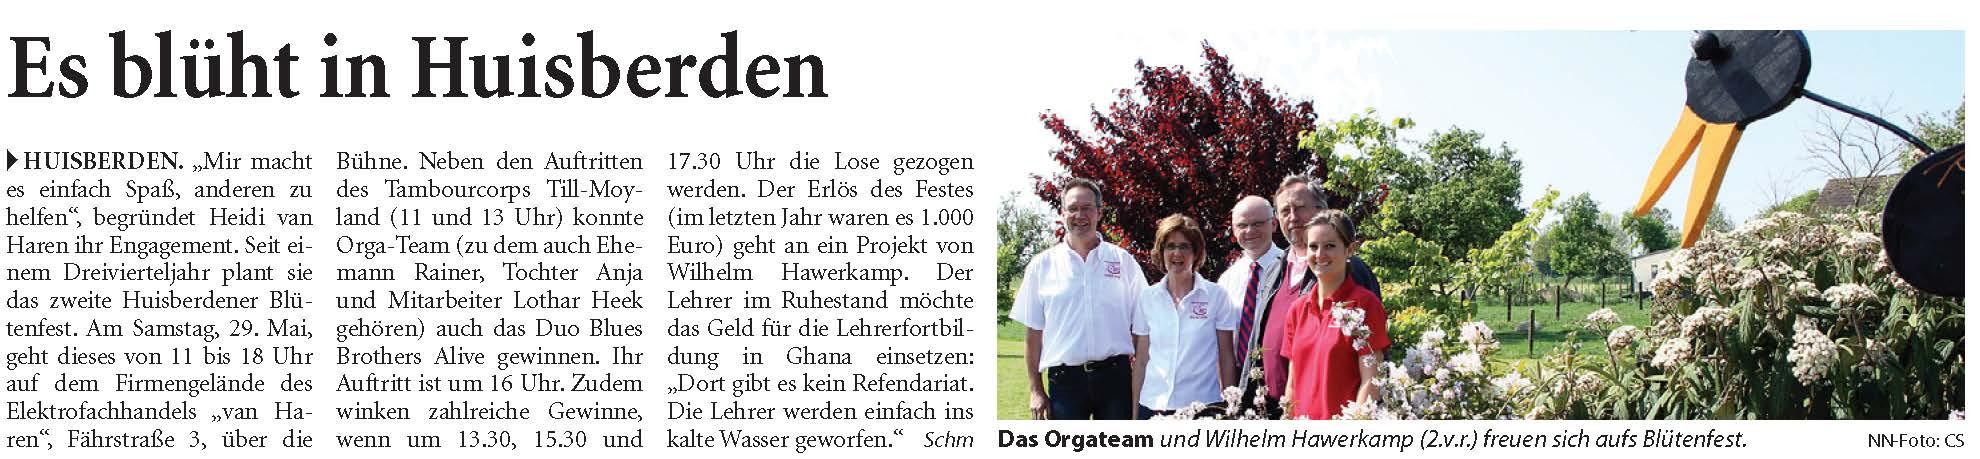 Niederrhein-Nachrichten-26-Mai-2010